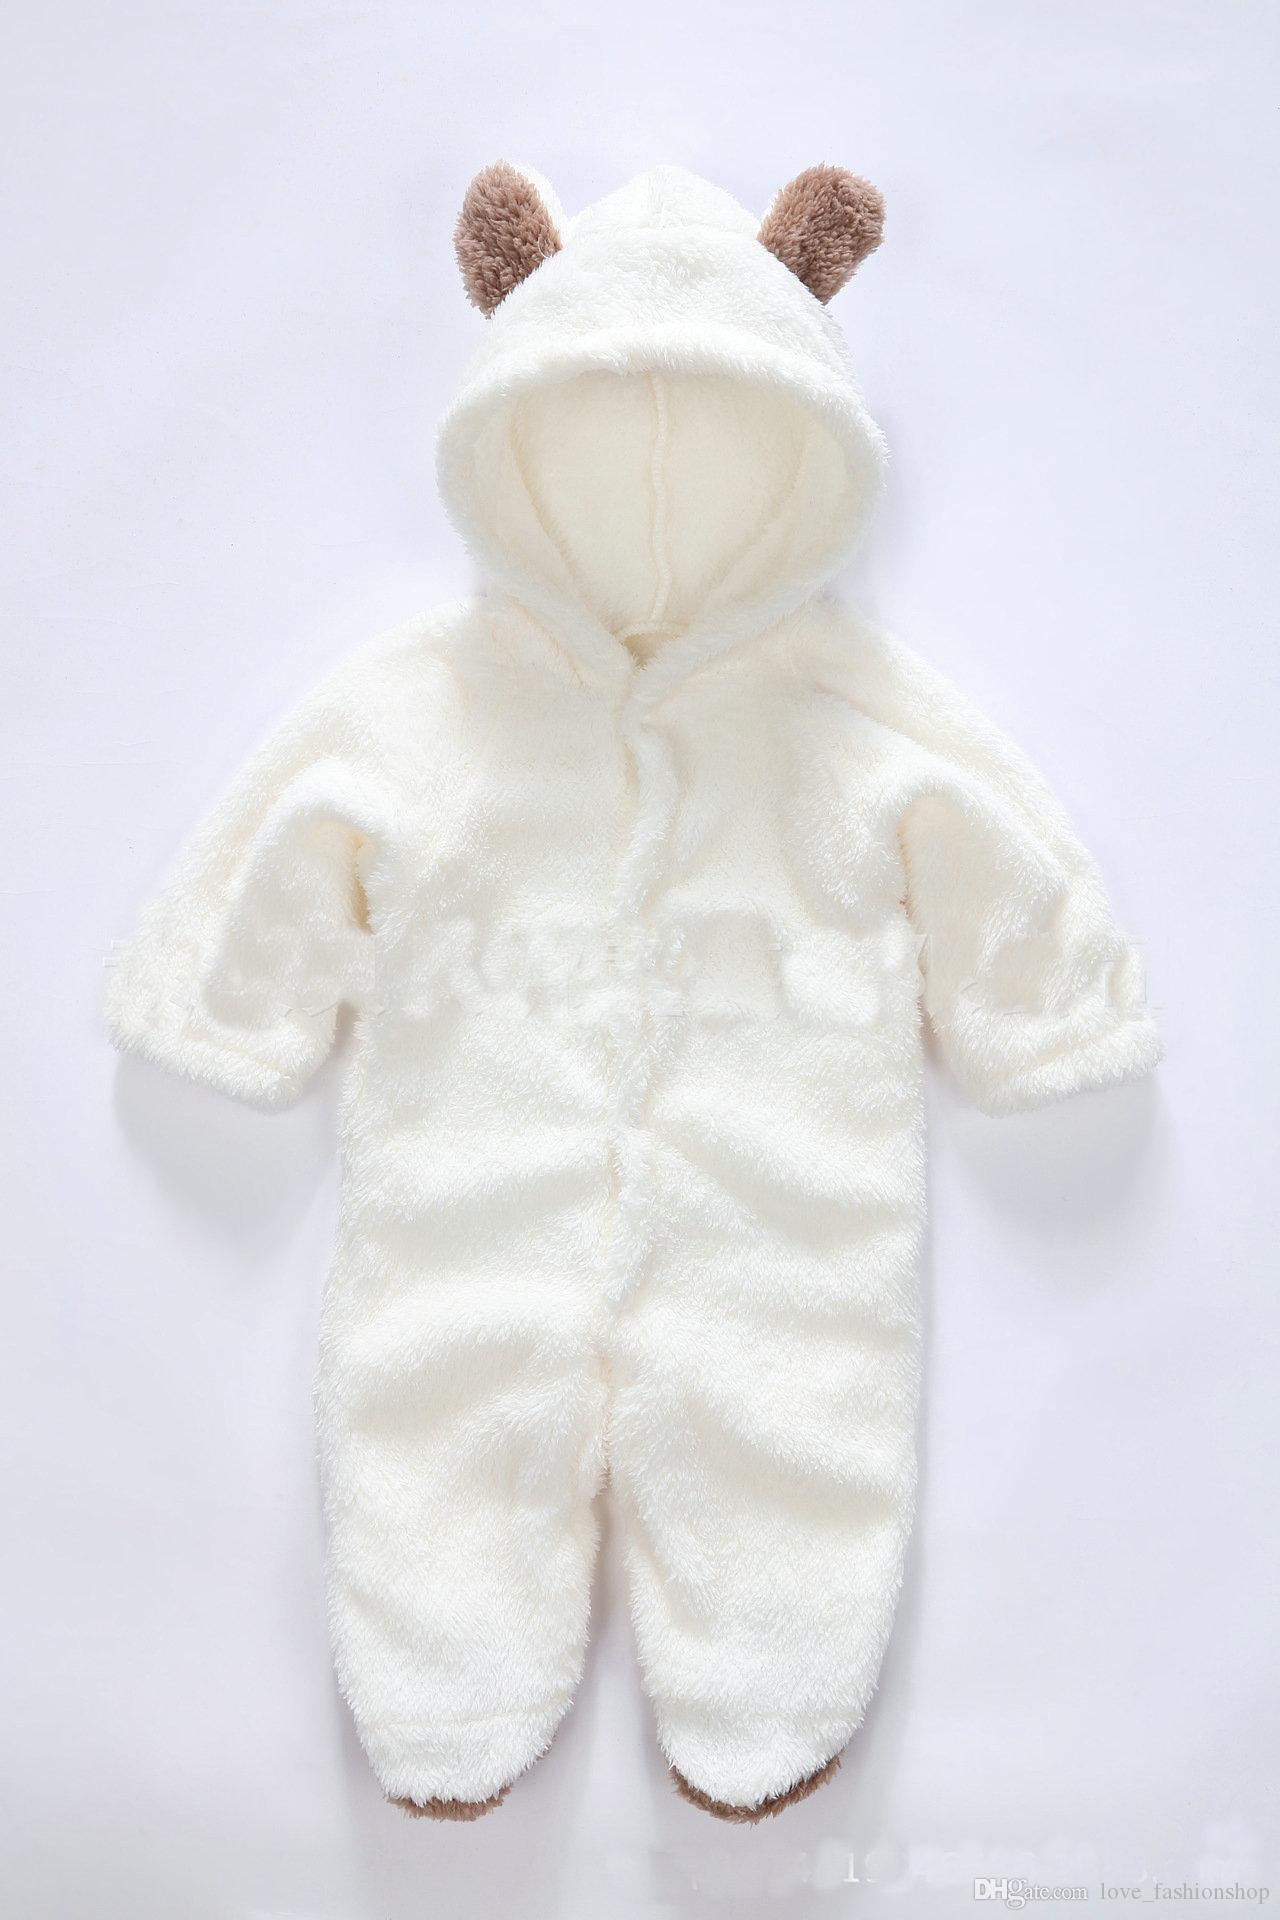 5 stilar baby rompers tjejer pojkar en bit mönster djur varmare tjockna korall fleece jumpsuit klättra kläder barn spädbarn boutique kläder